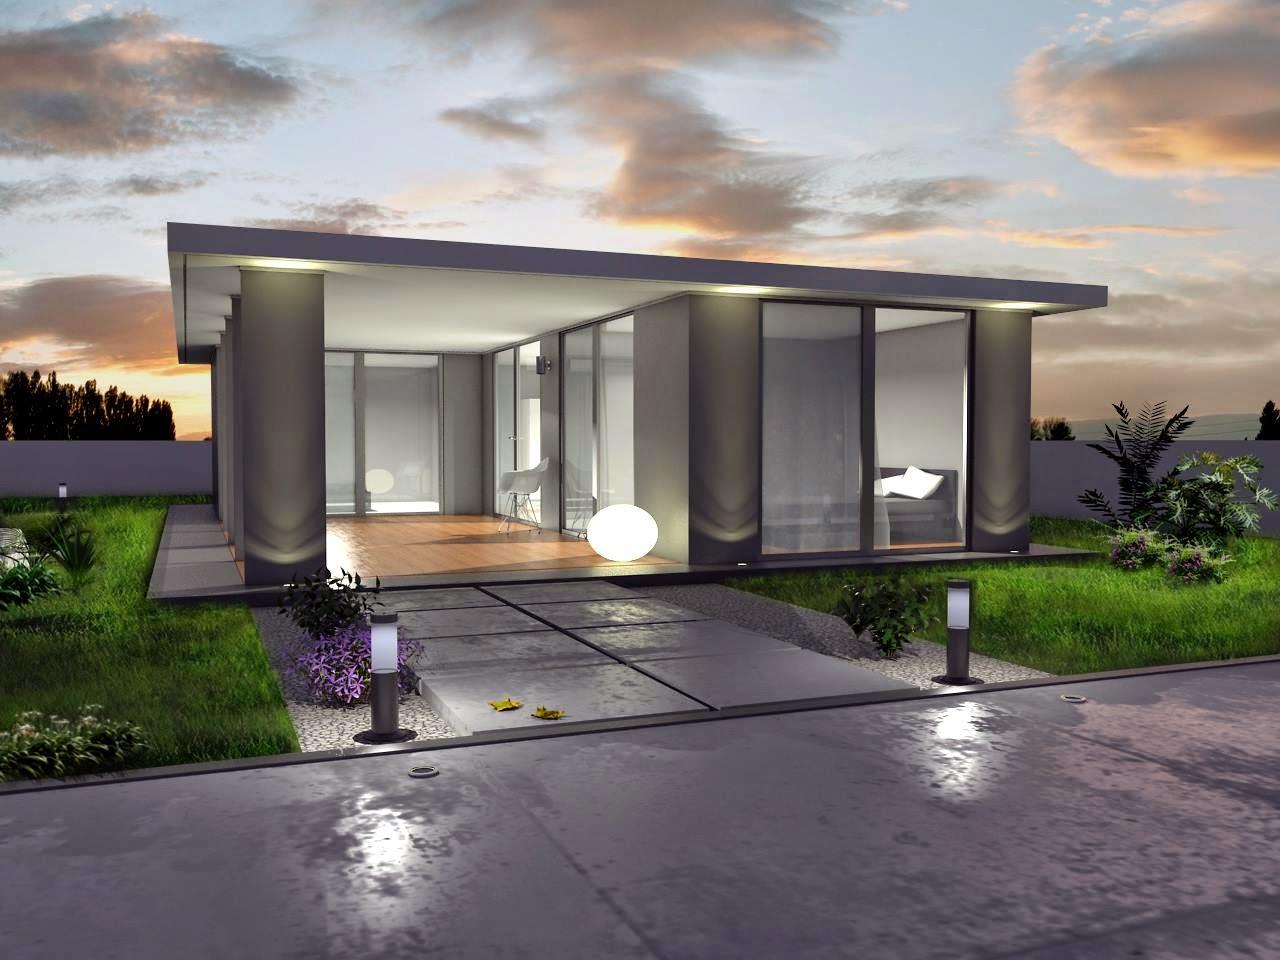 Clickhouse casa modular modular house arq eng mag - Casas modernas modulares ...